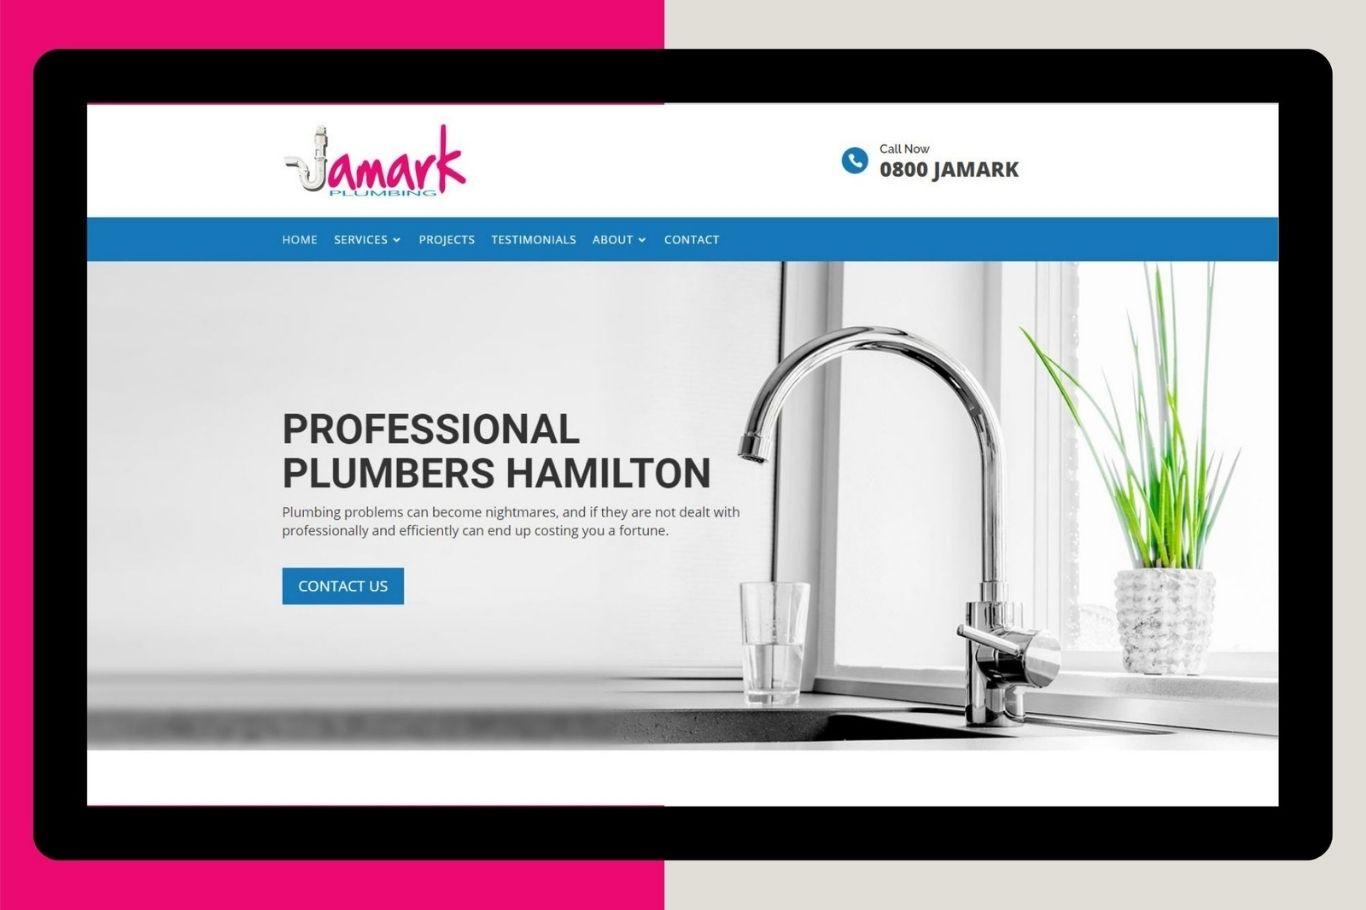 jamark plumbing website designing development cloud media